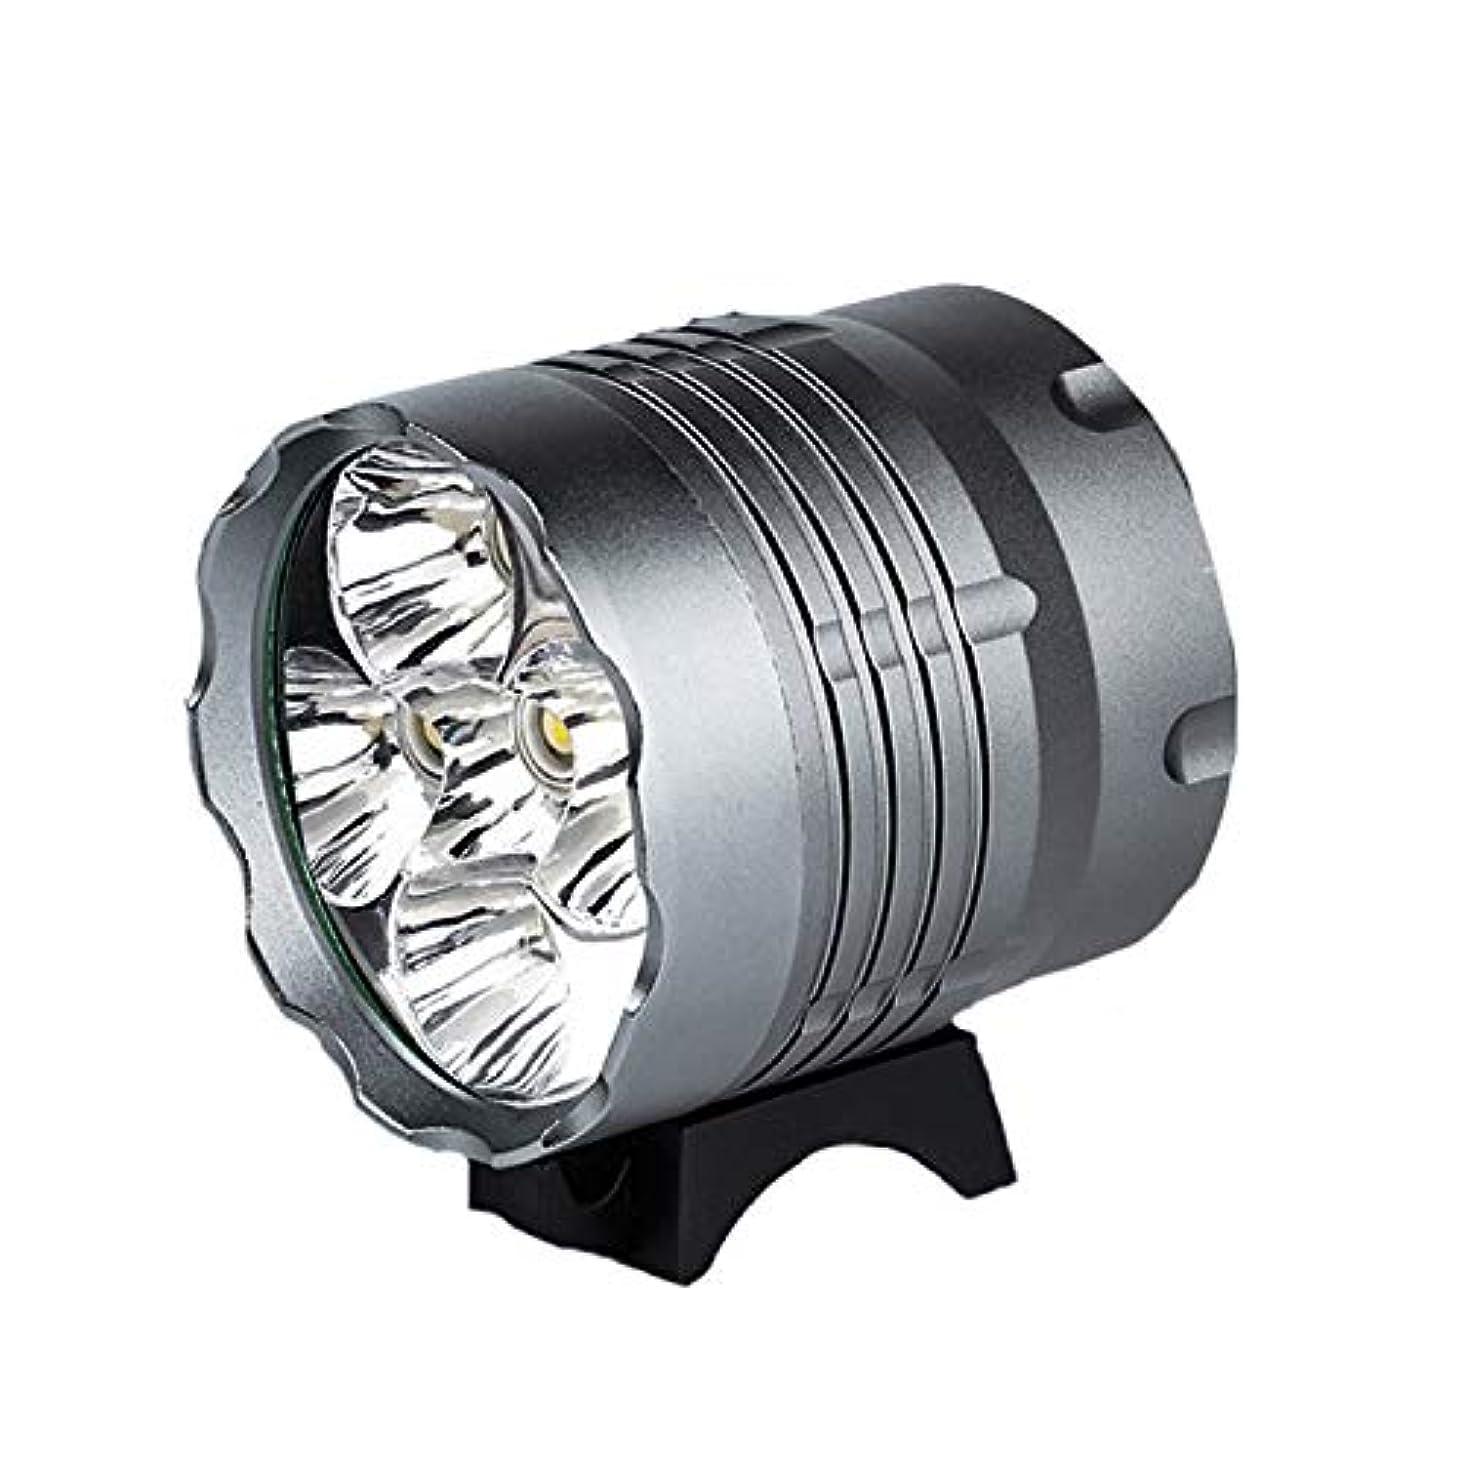 聡明北東物質マウンテンバイクのヘッドライト、T6グレア懐中電灯、防水と耐衝撃性、ナイトライディング用品、5 T6